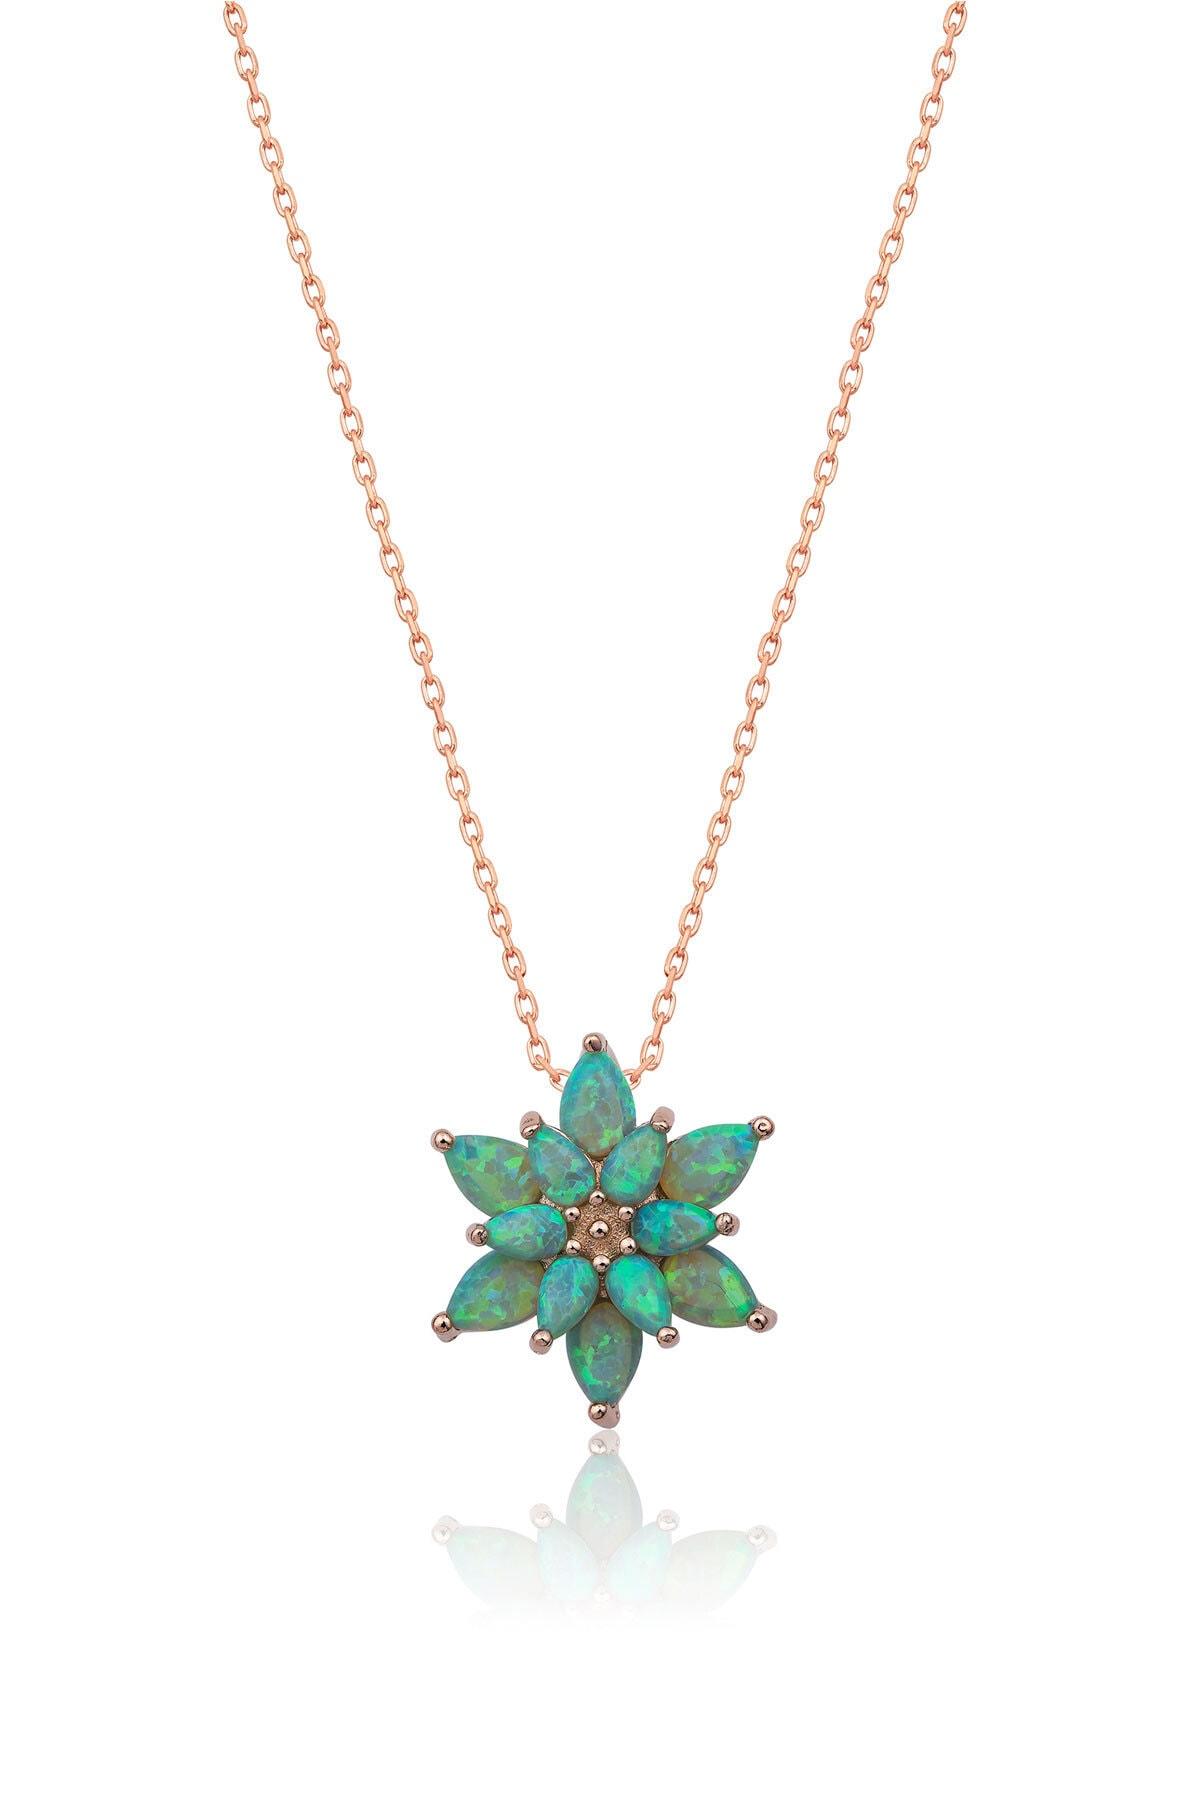 Papatya Silver 925 Ayar Yeşil Opal Taşlı Gümüş Lotus Kolye 1